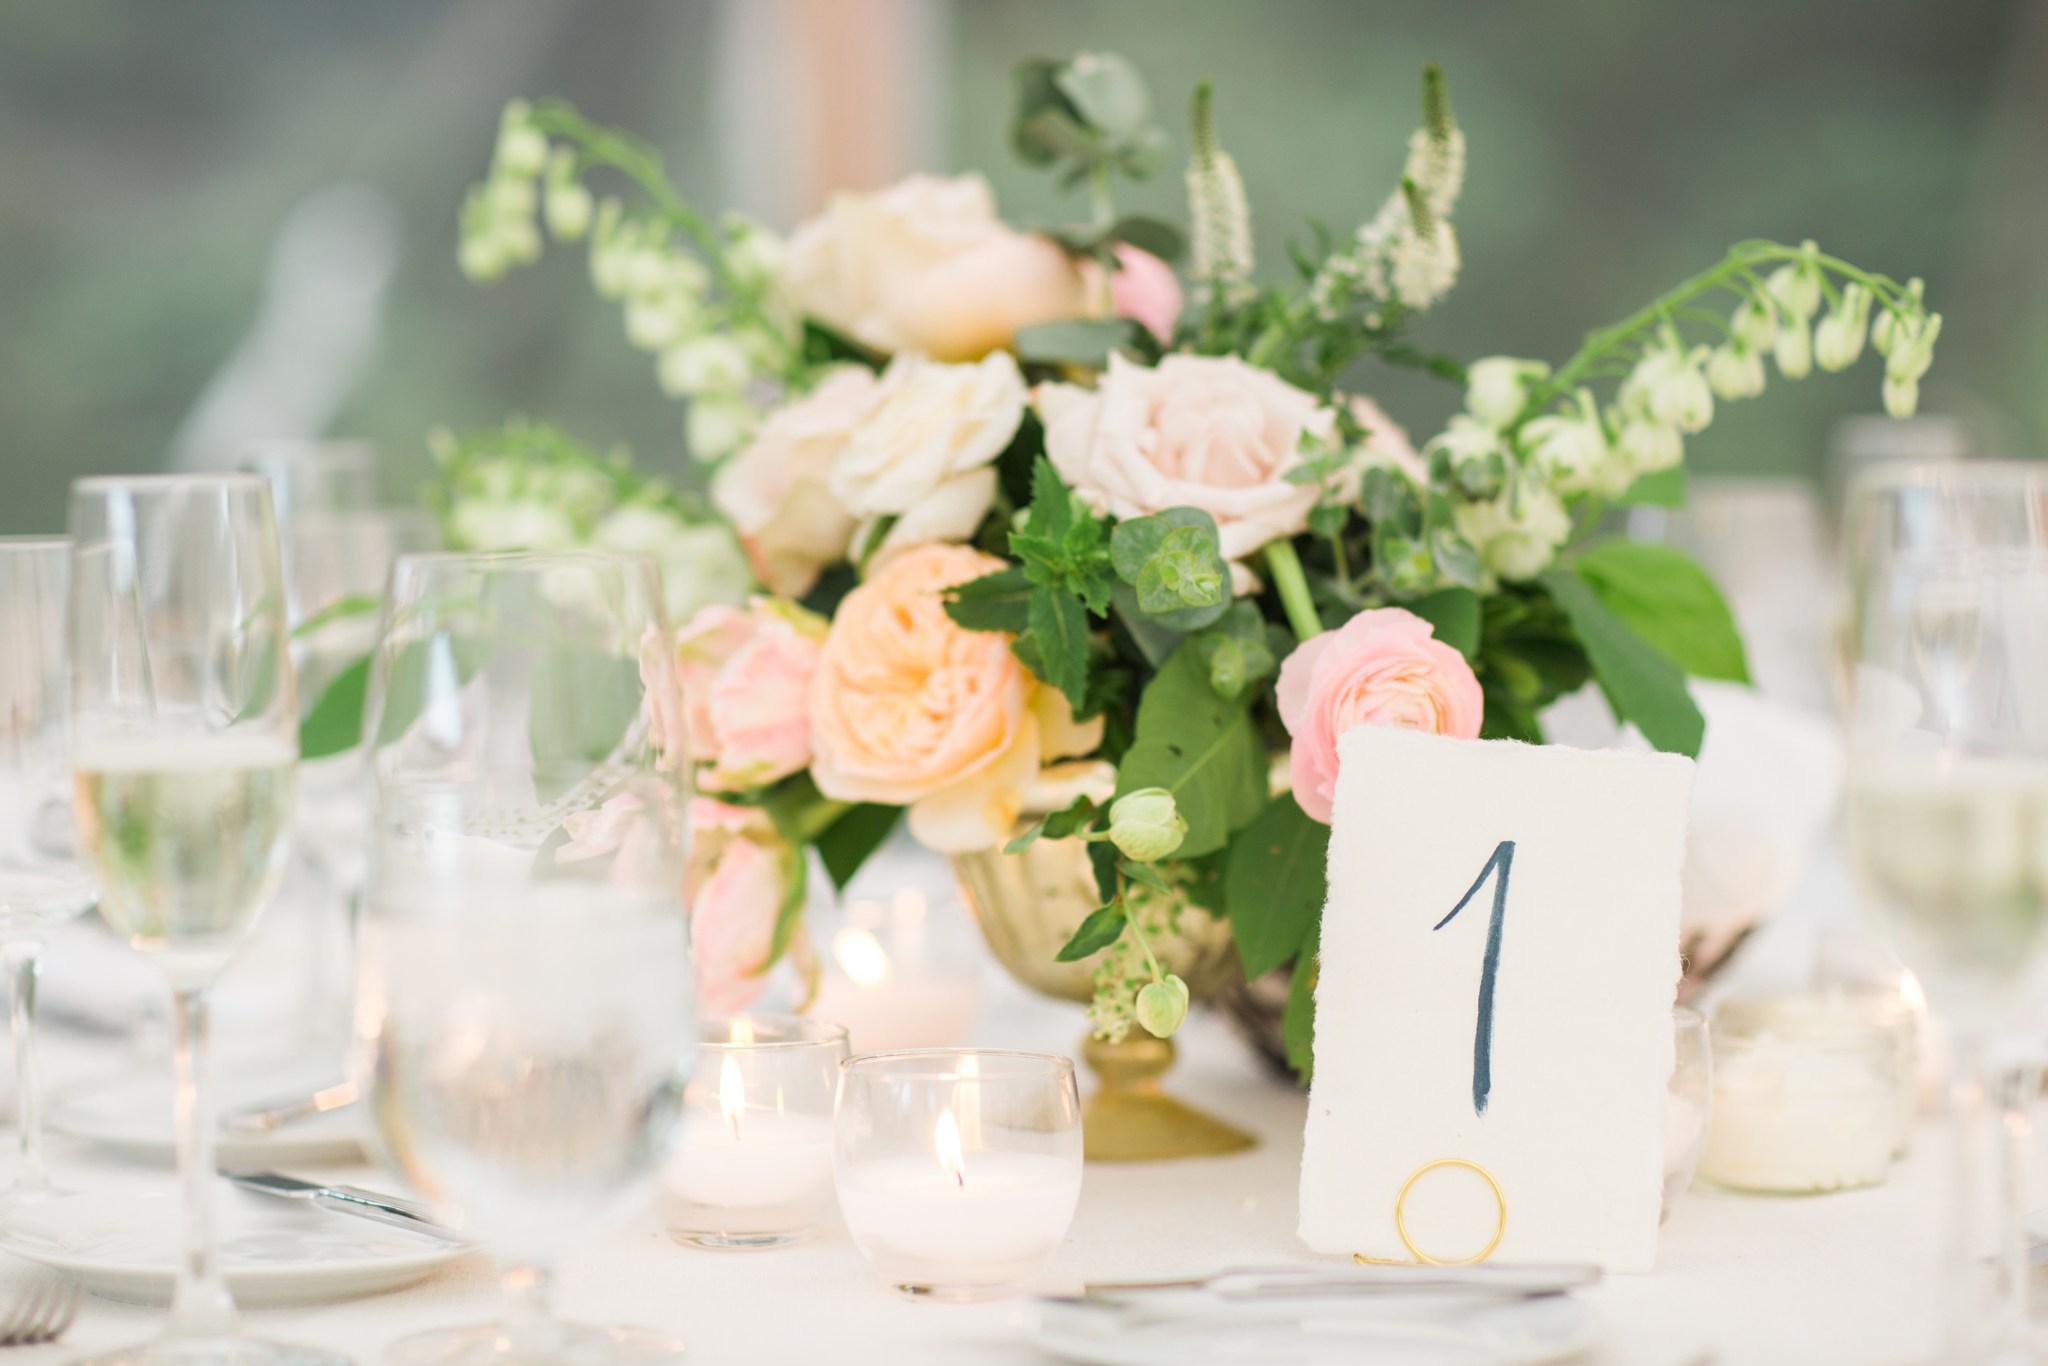 moraine_farm_wedding_deborah_zoe_0054.JPG